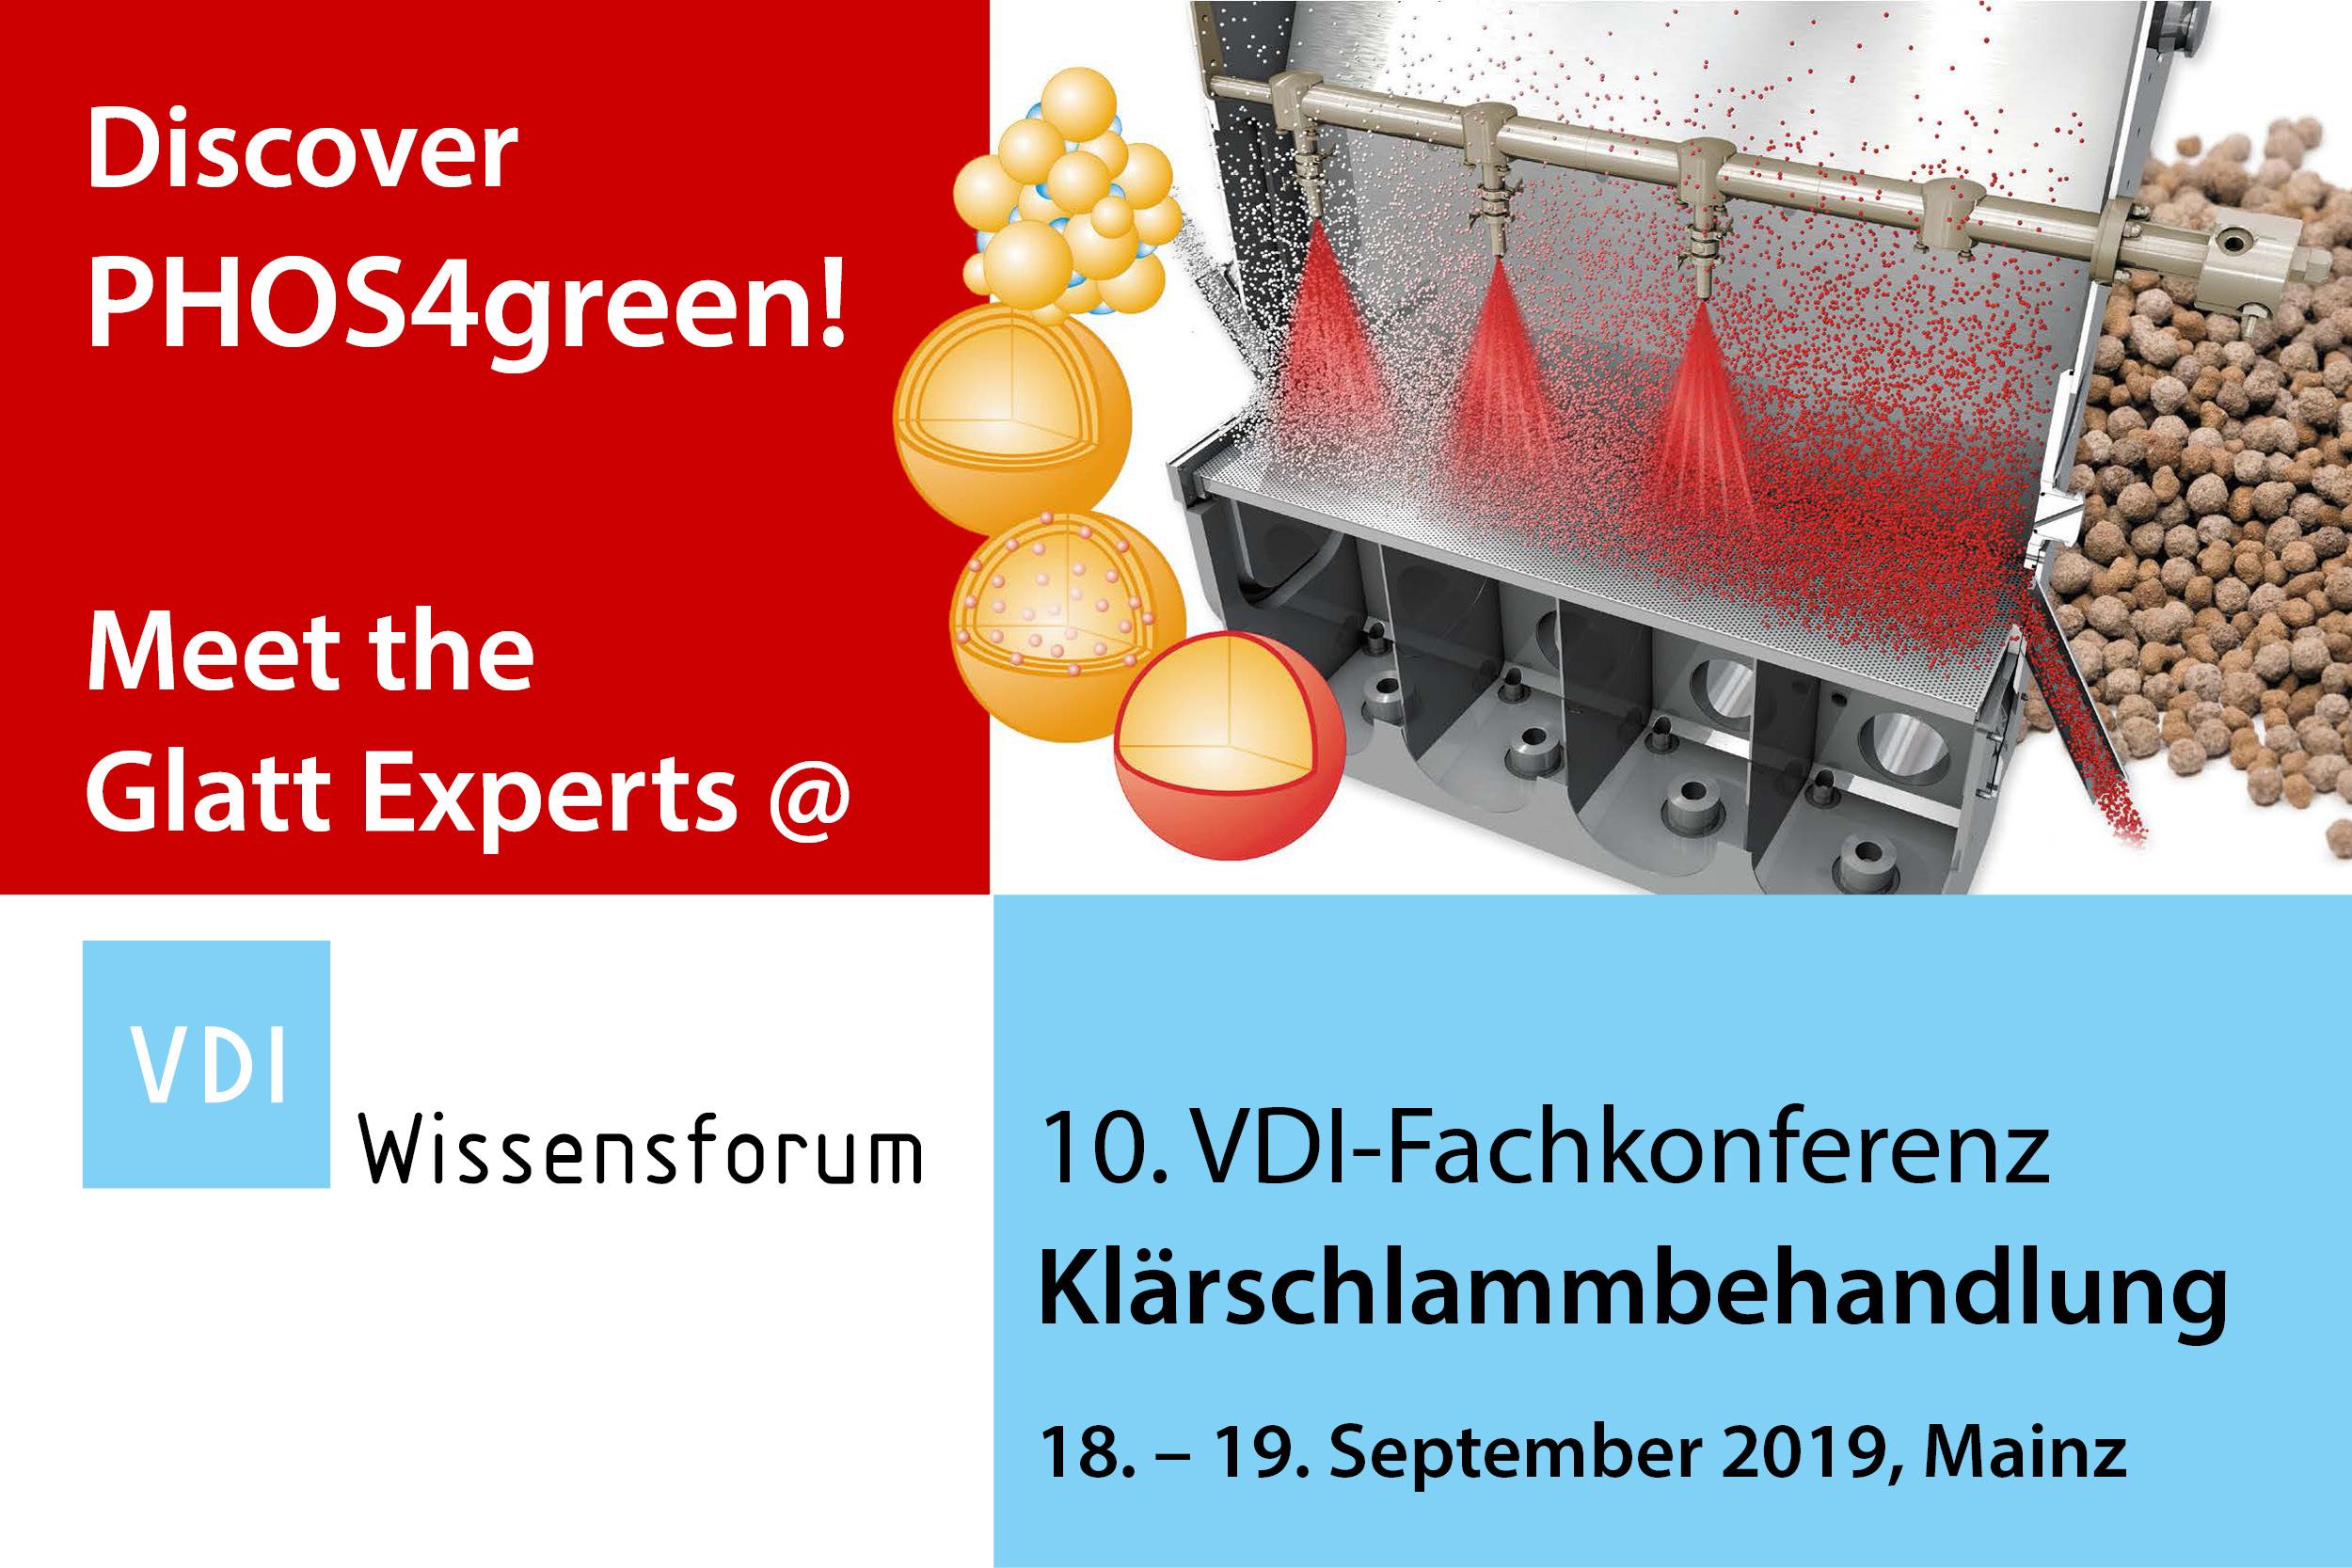 Glatt@VDI-Fachkonferenz_Klaerschlammbehandlung_2019